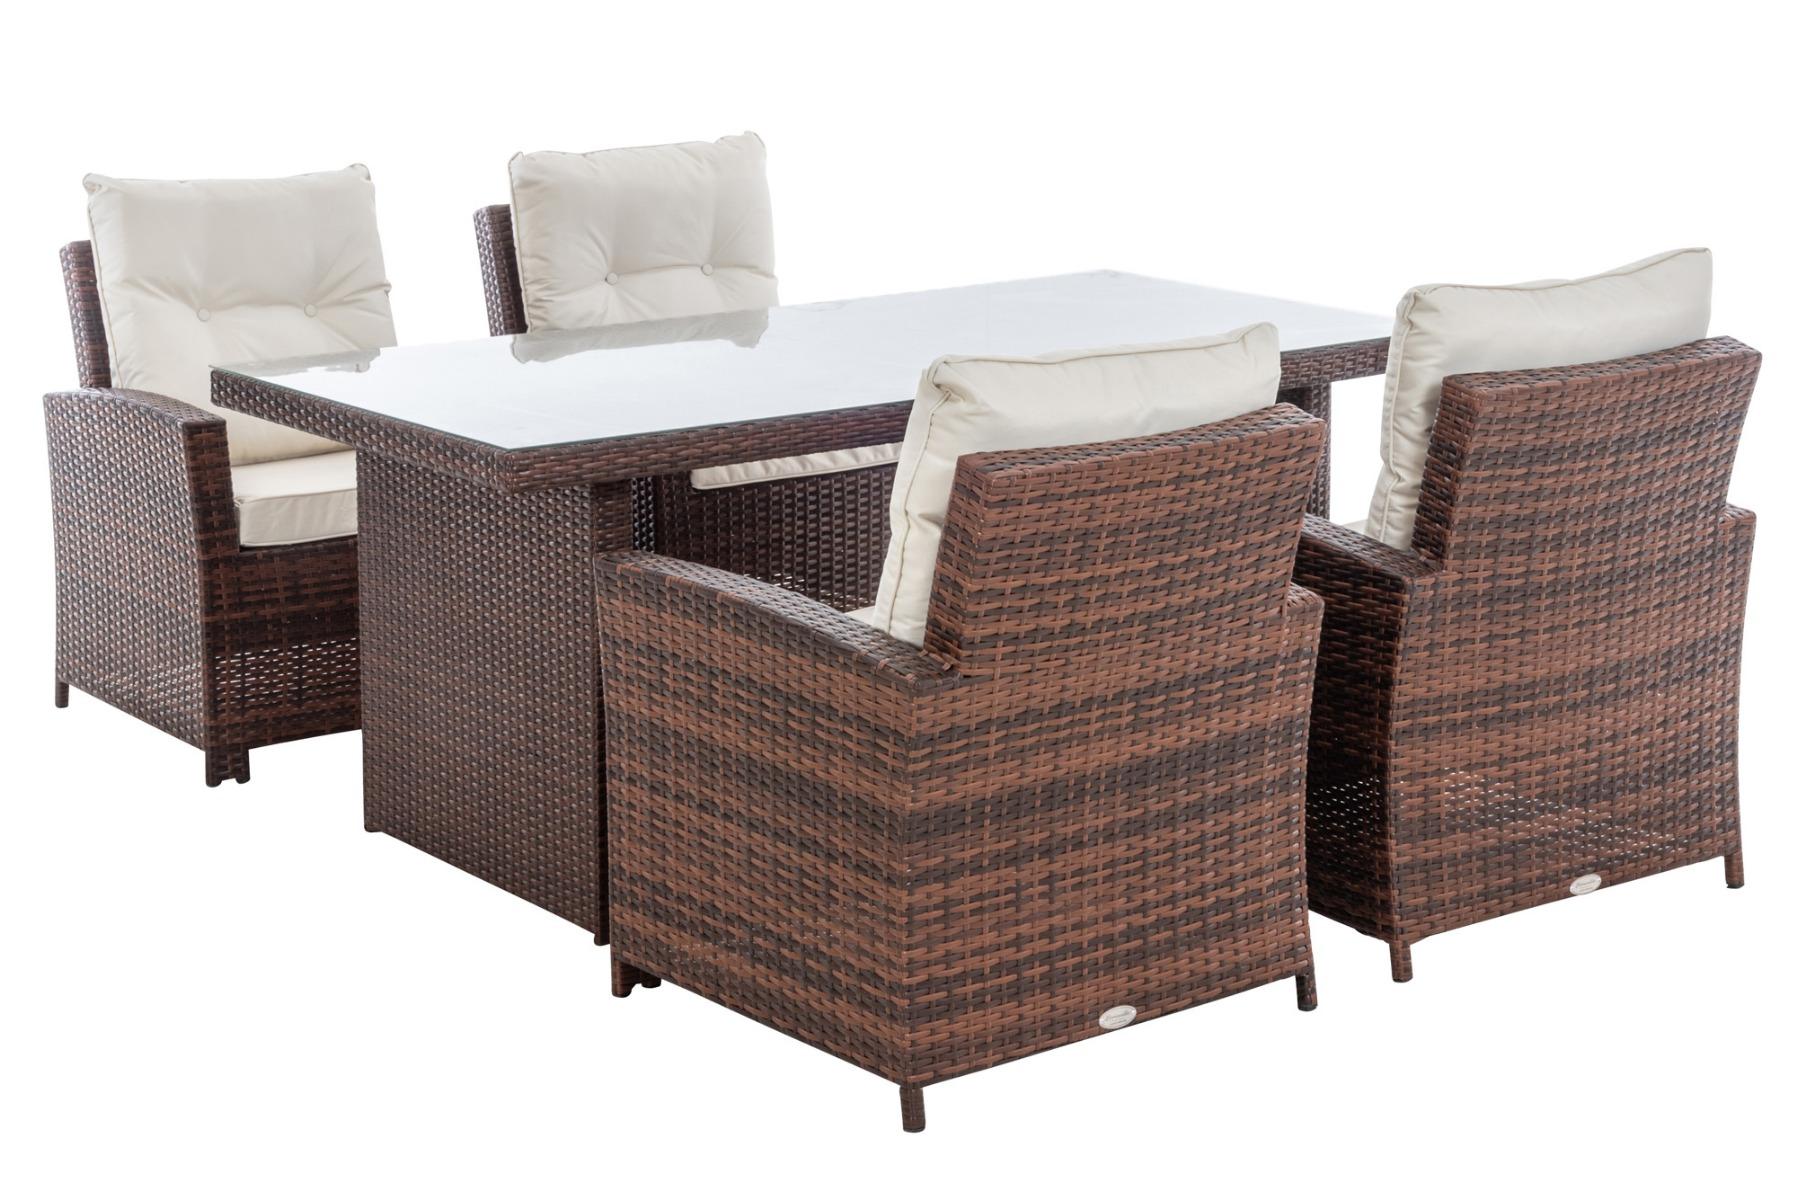 M# 4er Set Stuhl Fisolo mit Tisch Avignon 180-braun-meliert-cremeweiß günstig online kaufen